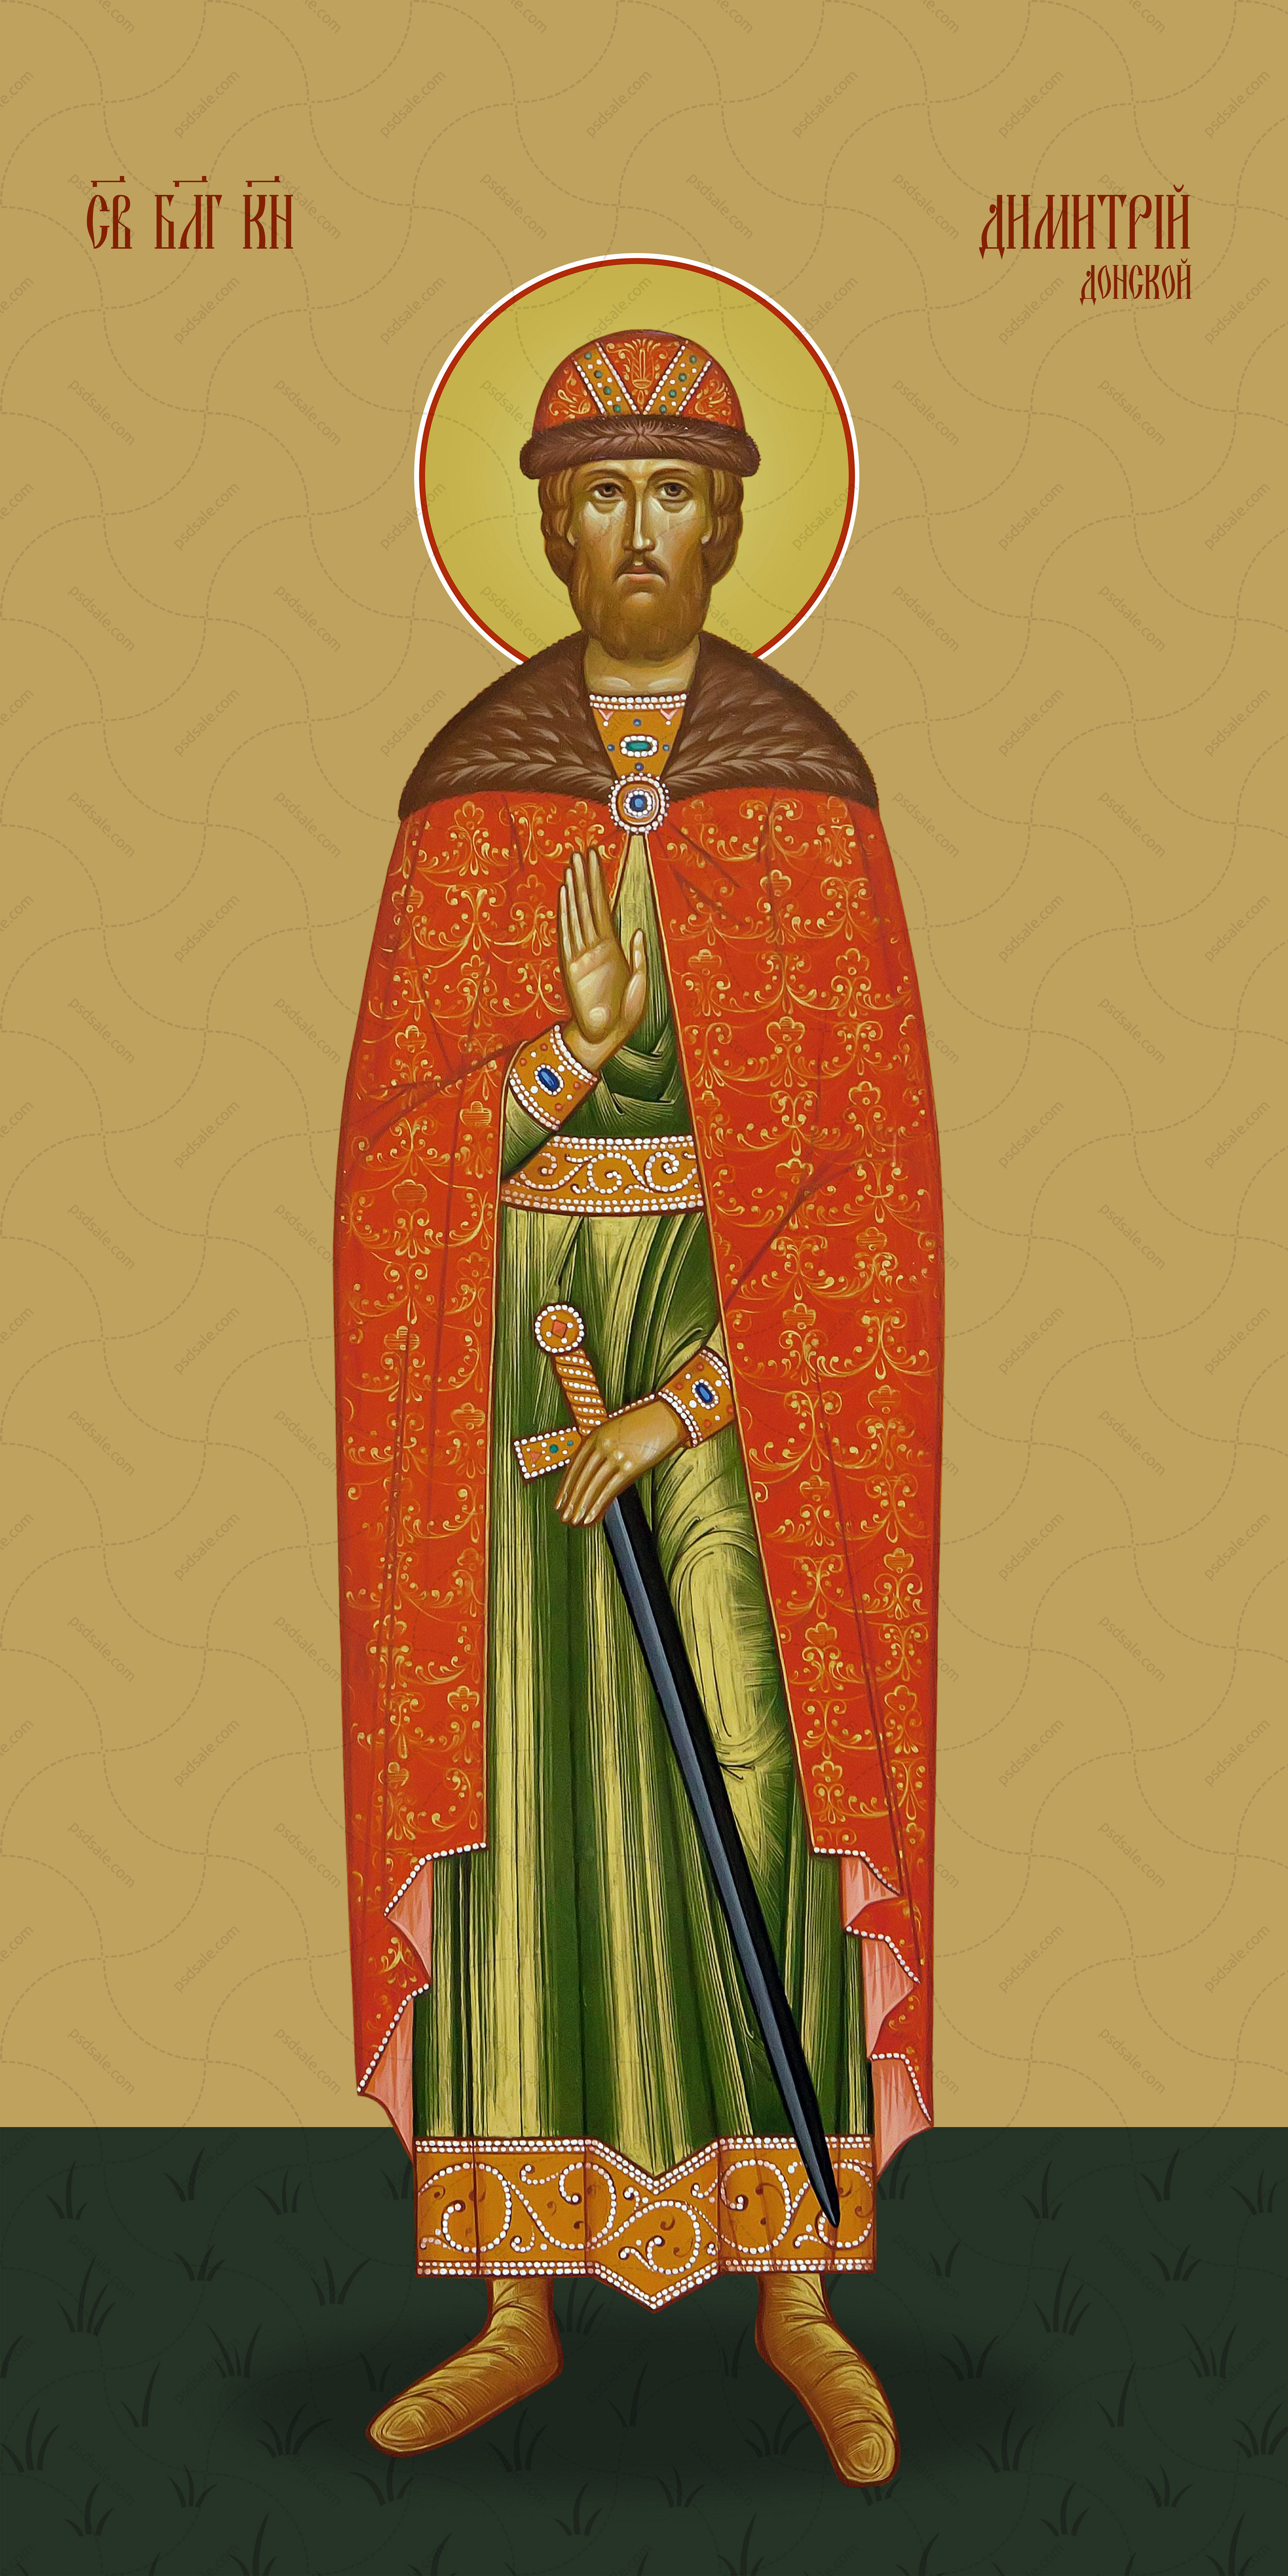 Мерная икона, Дмитрий Донской, князь